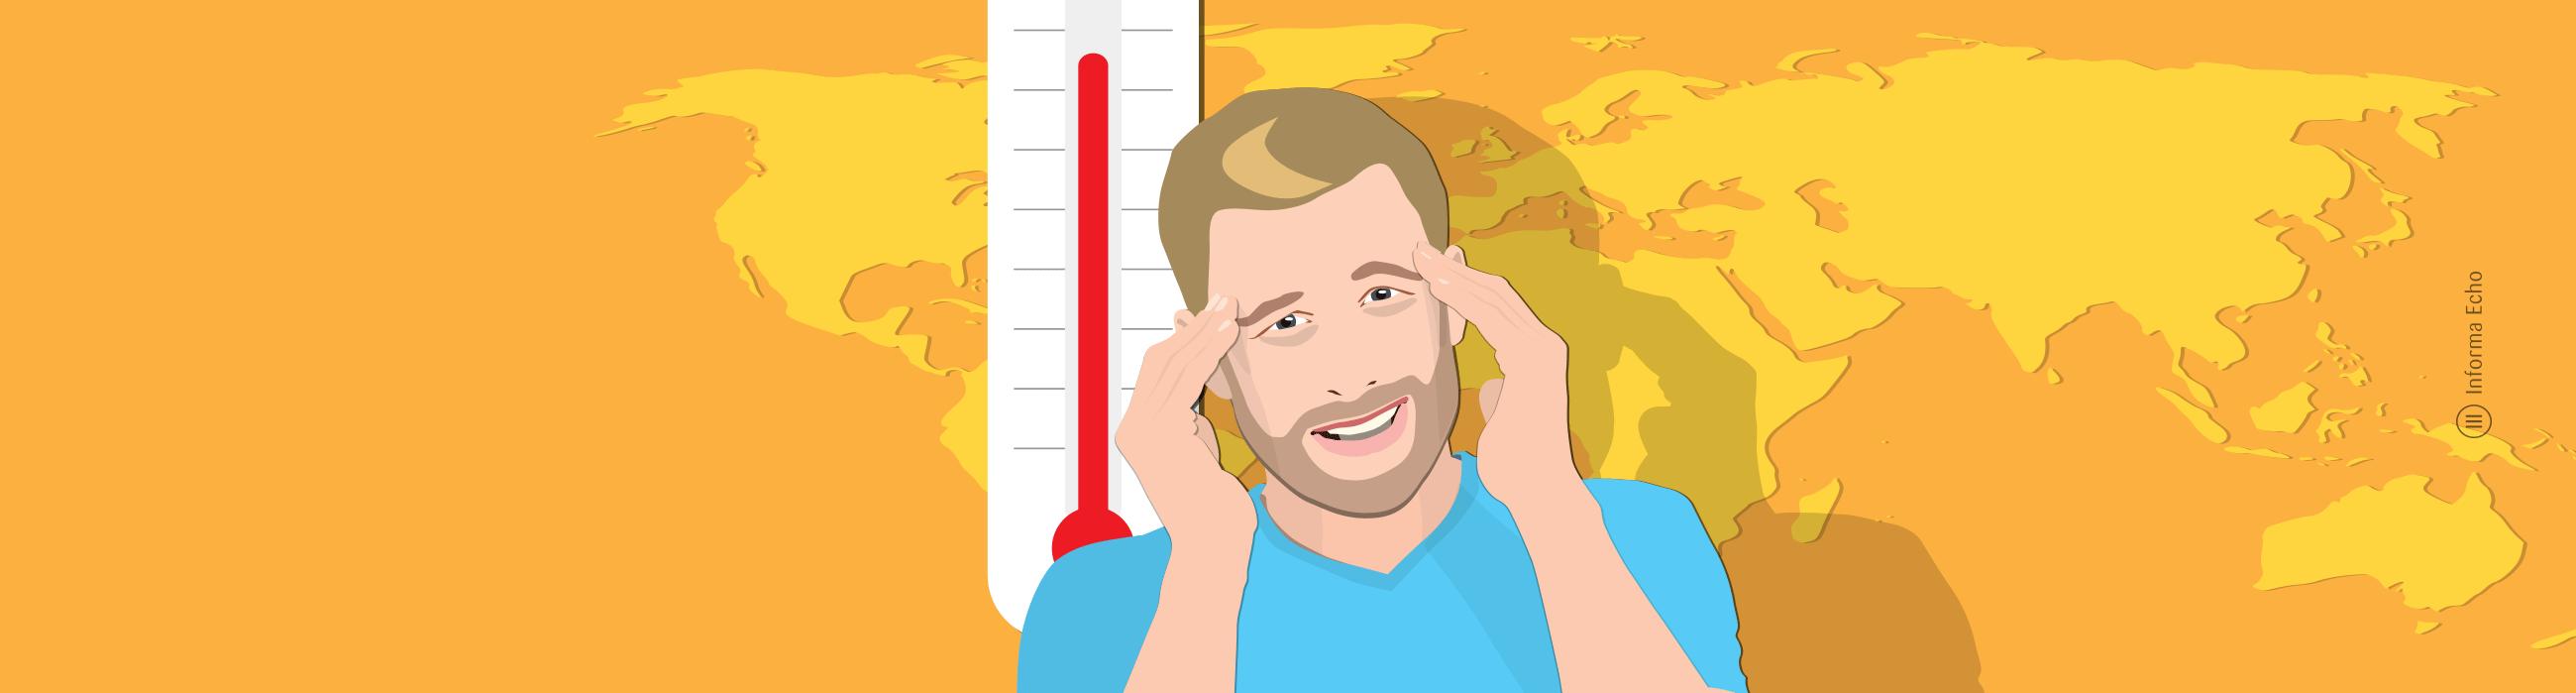 Vpliv klimatskih naprav na okolje / PorabimanjINFO / Ilustracija: Branko Baćović